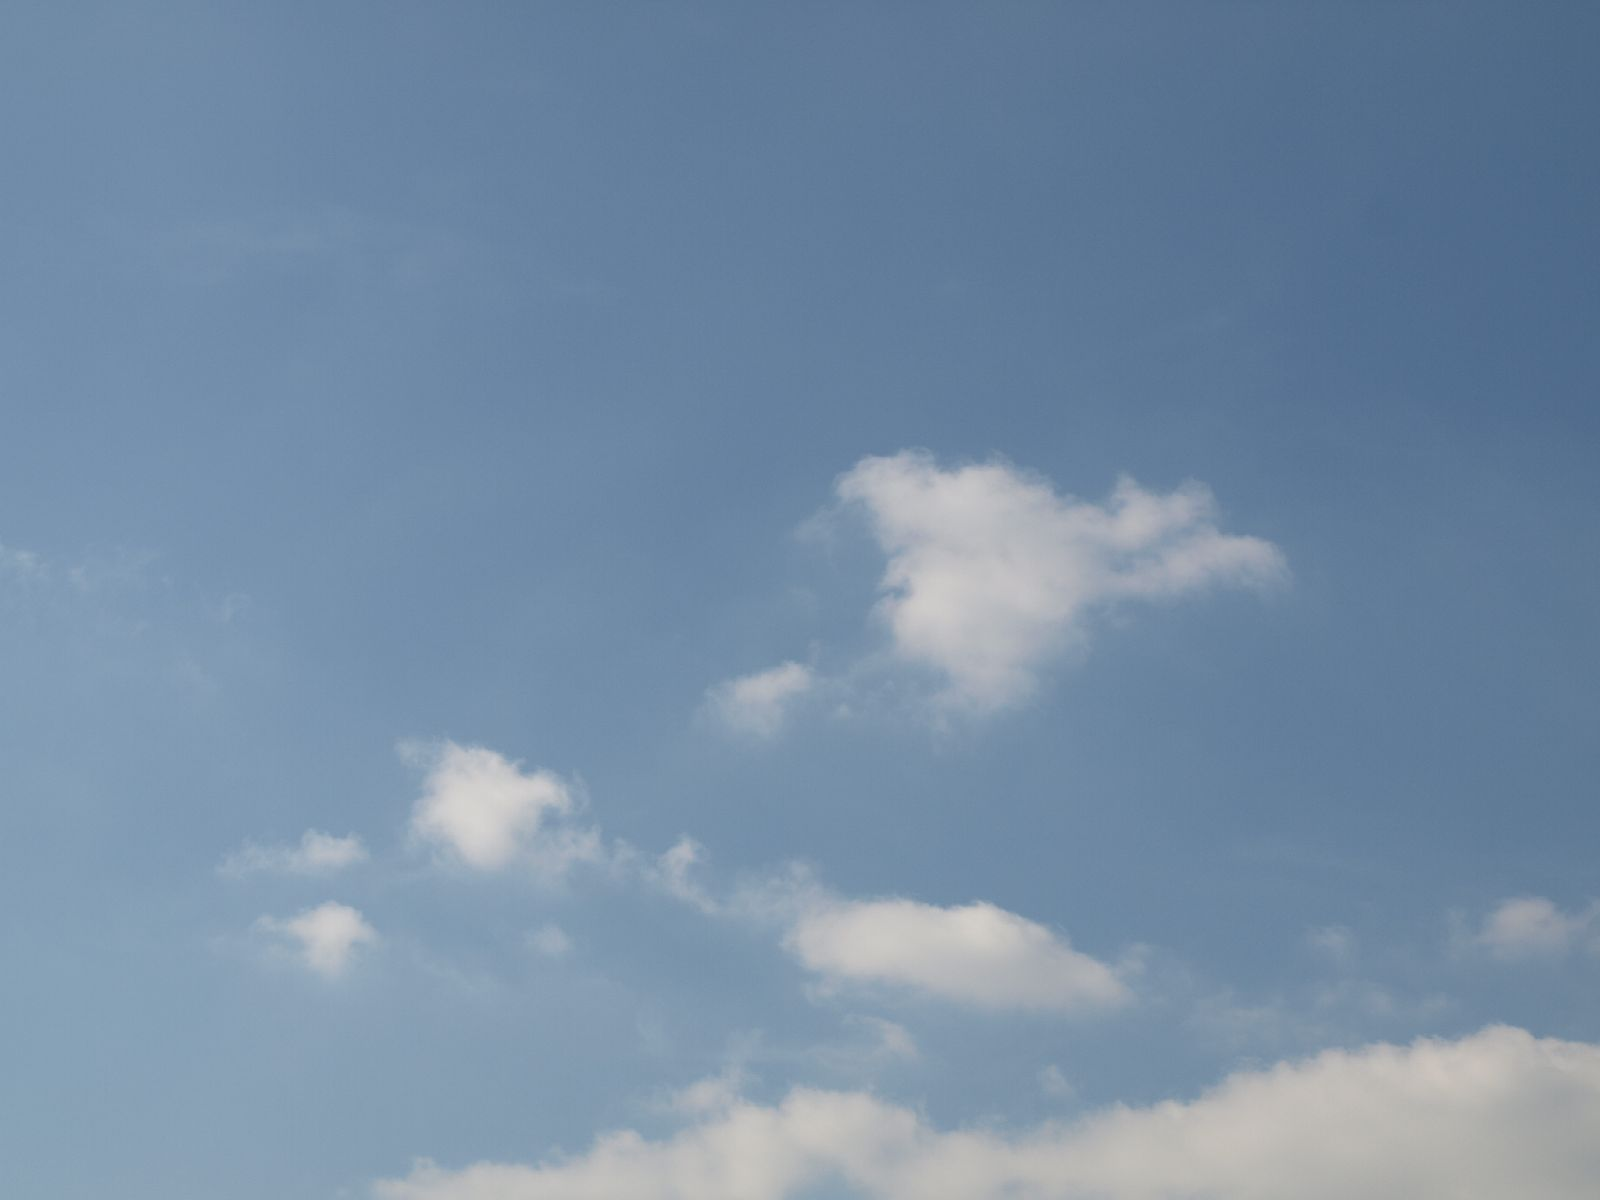 Himmel-Wolken-Foto_Textur_A_P9205248